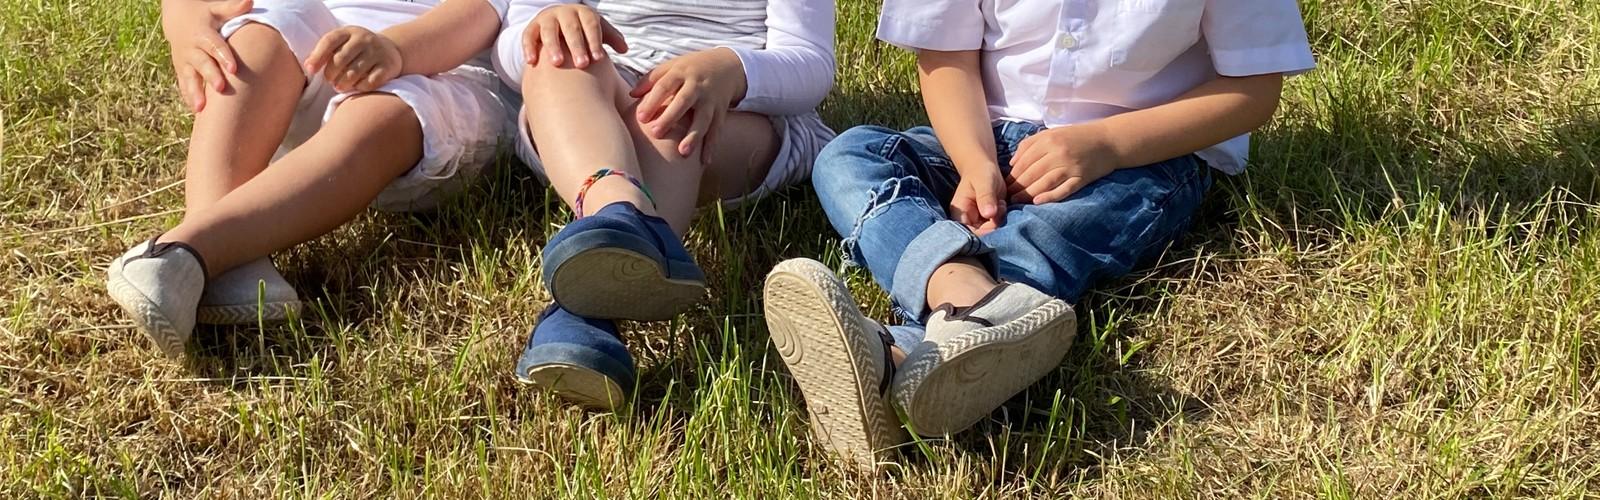 Chaussures naturelles pour enfants